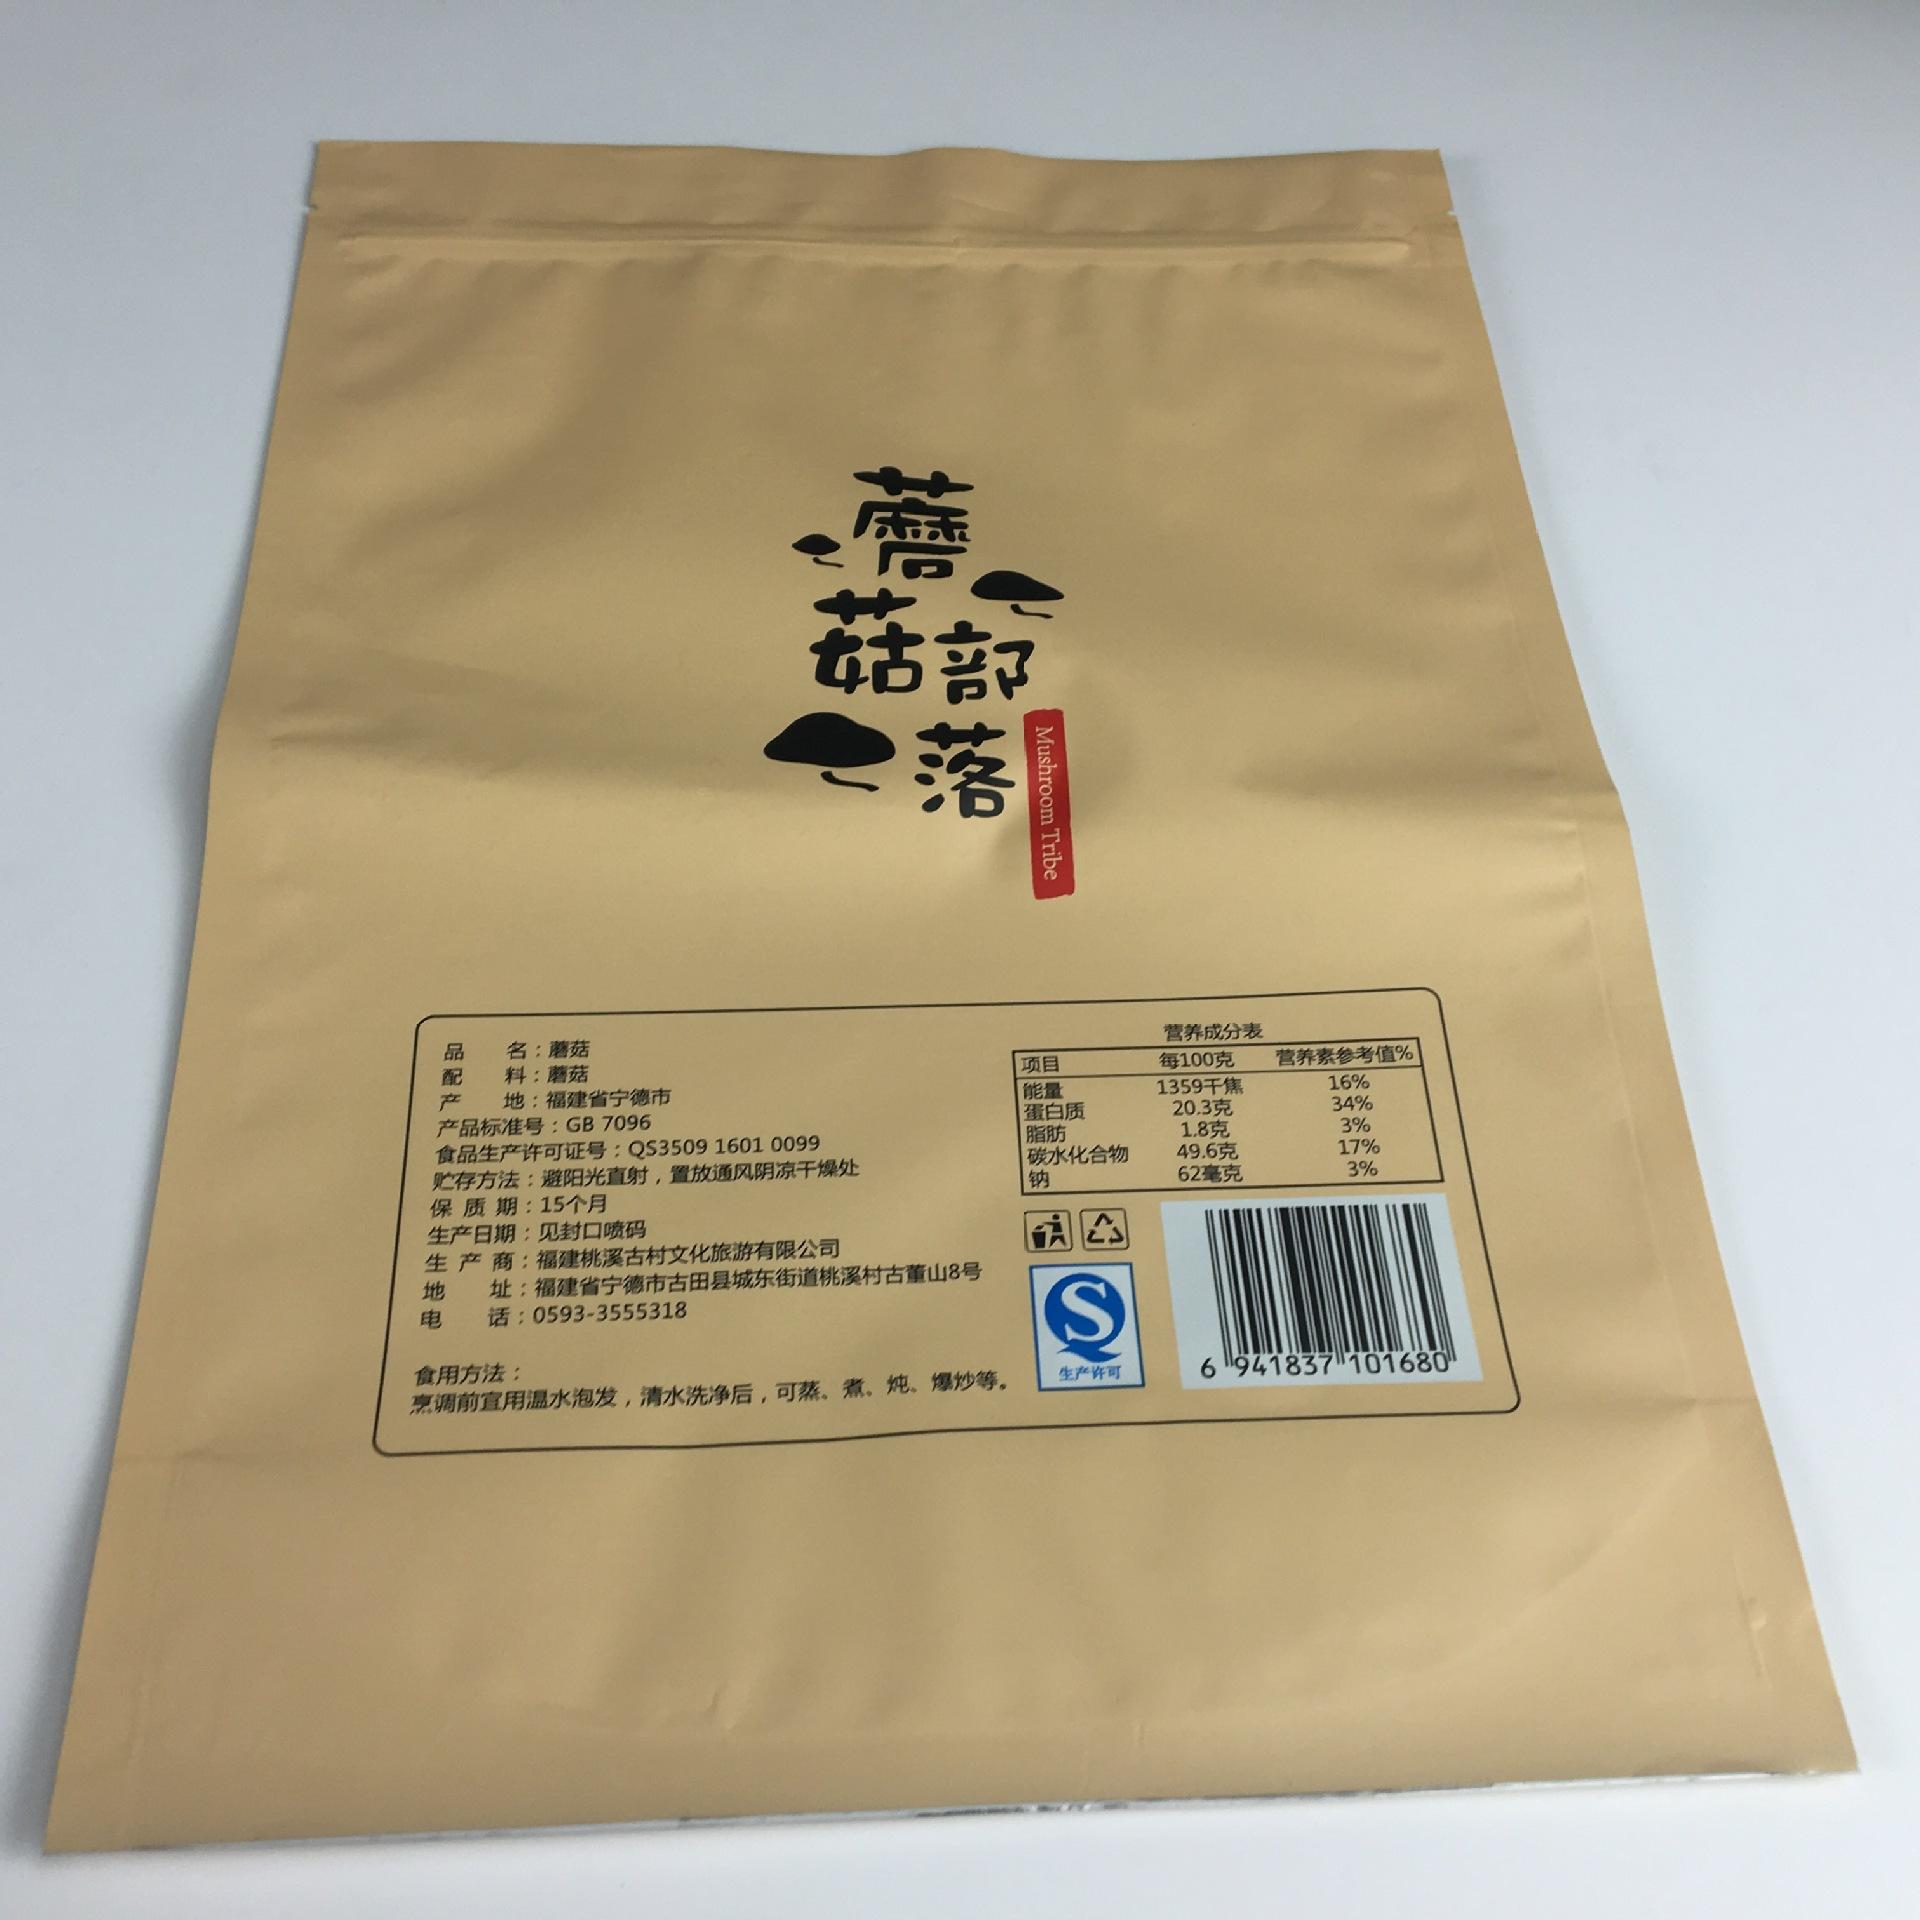 食品包装袋定做样品实拍 水果干熟食瓜子辣条包装袋 定做尺寸logo